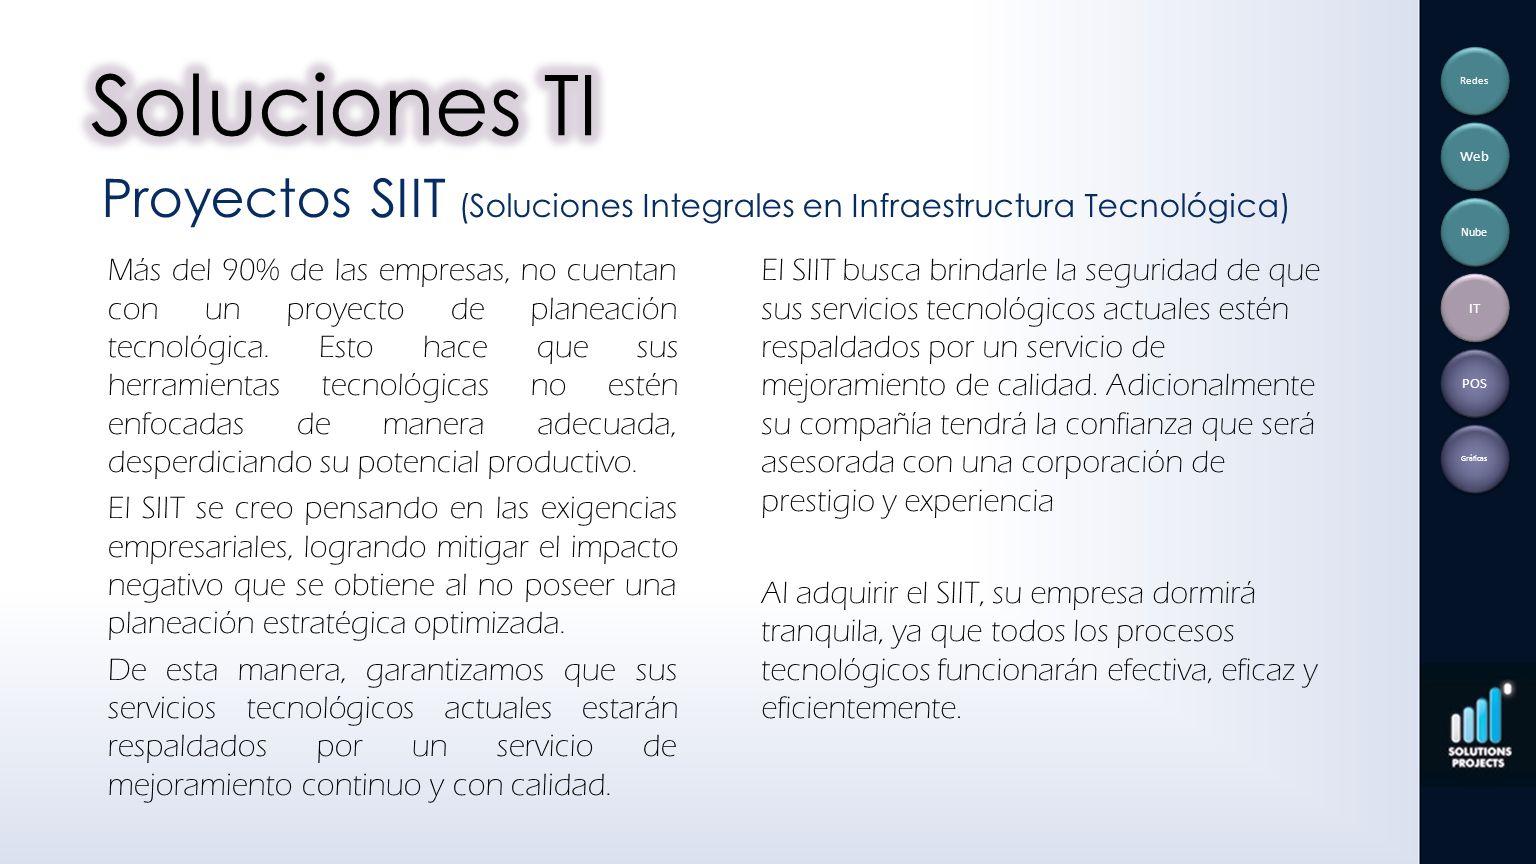 Soluciones TI Redes. Web. Proyectos SIIT (Soluciones Integrales en Infraestructura Tecnológica) Nube.